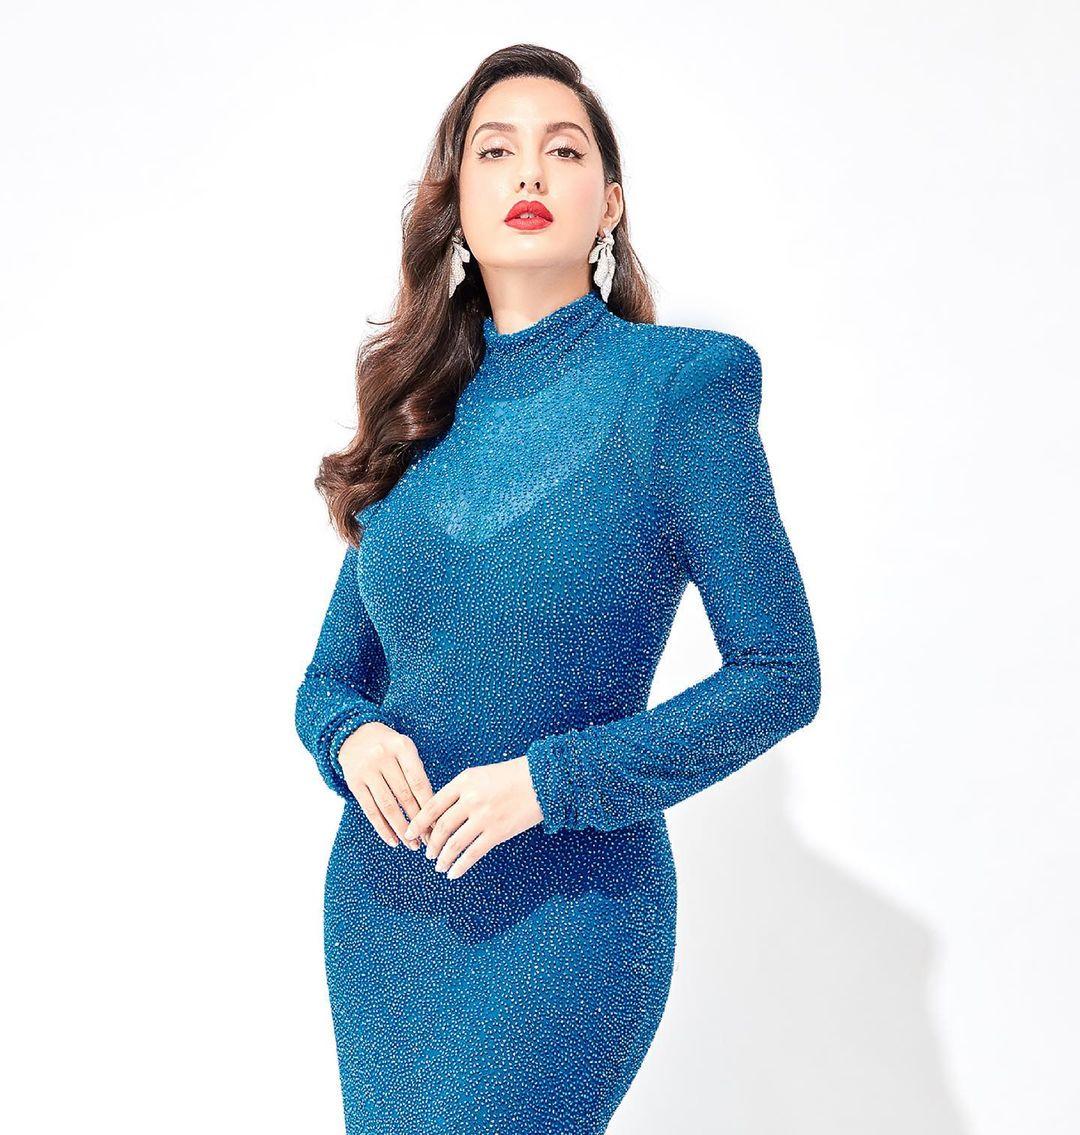 fashion tips,celebrity fashion,nora fatehi fashion ,फैशन टिप्स, सेलेब्रिटी फैशन, नोरा फतेही फैशन